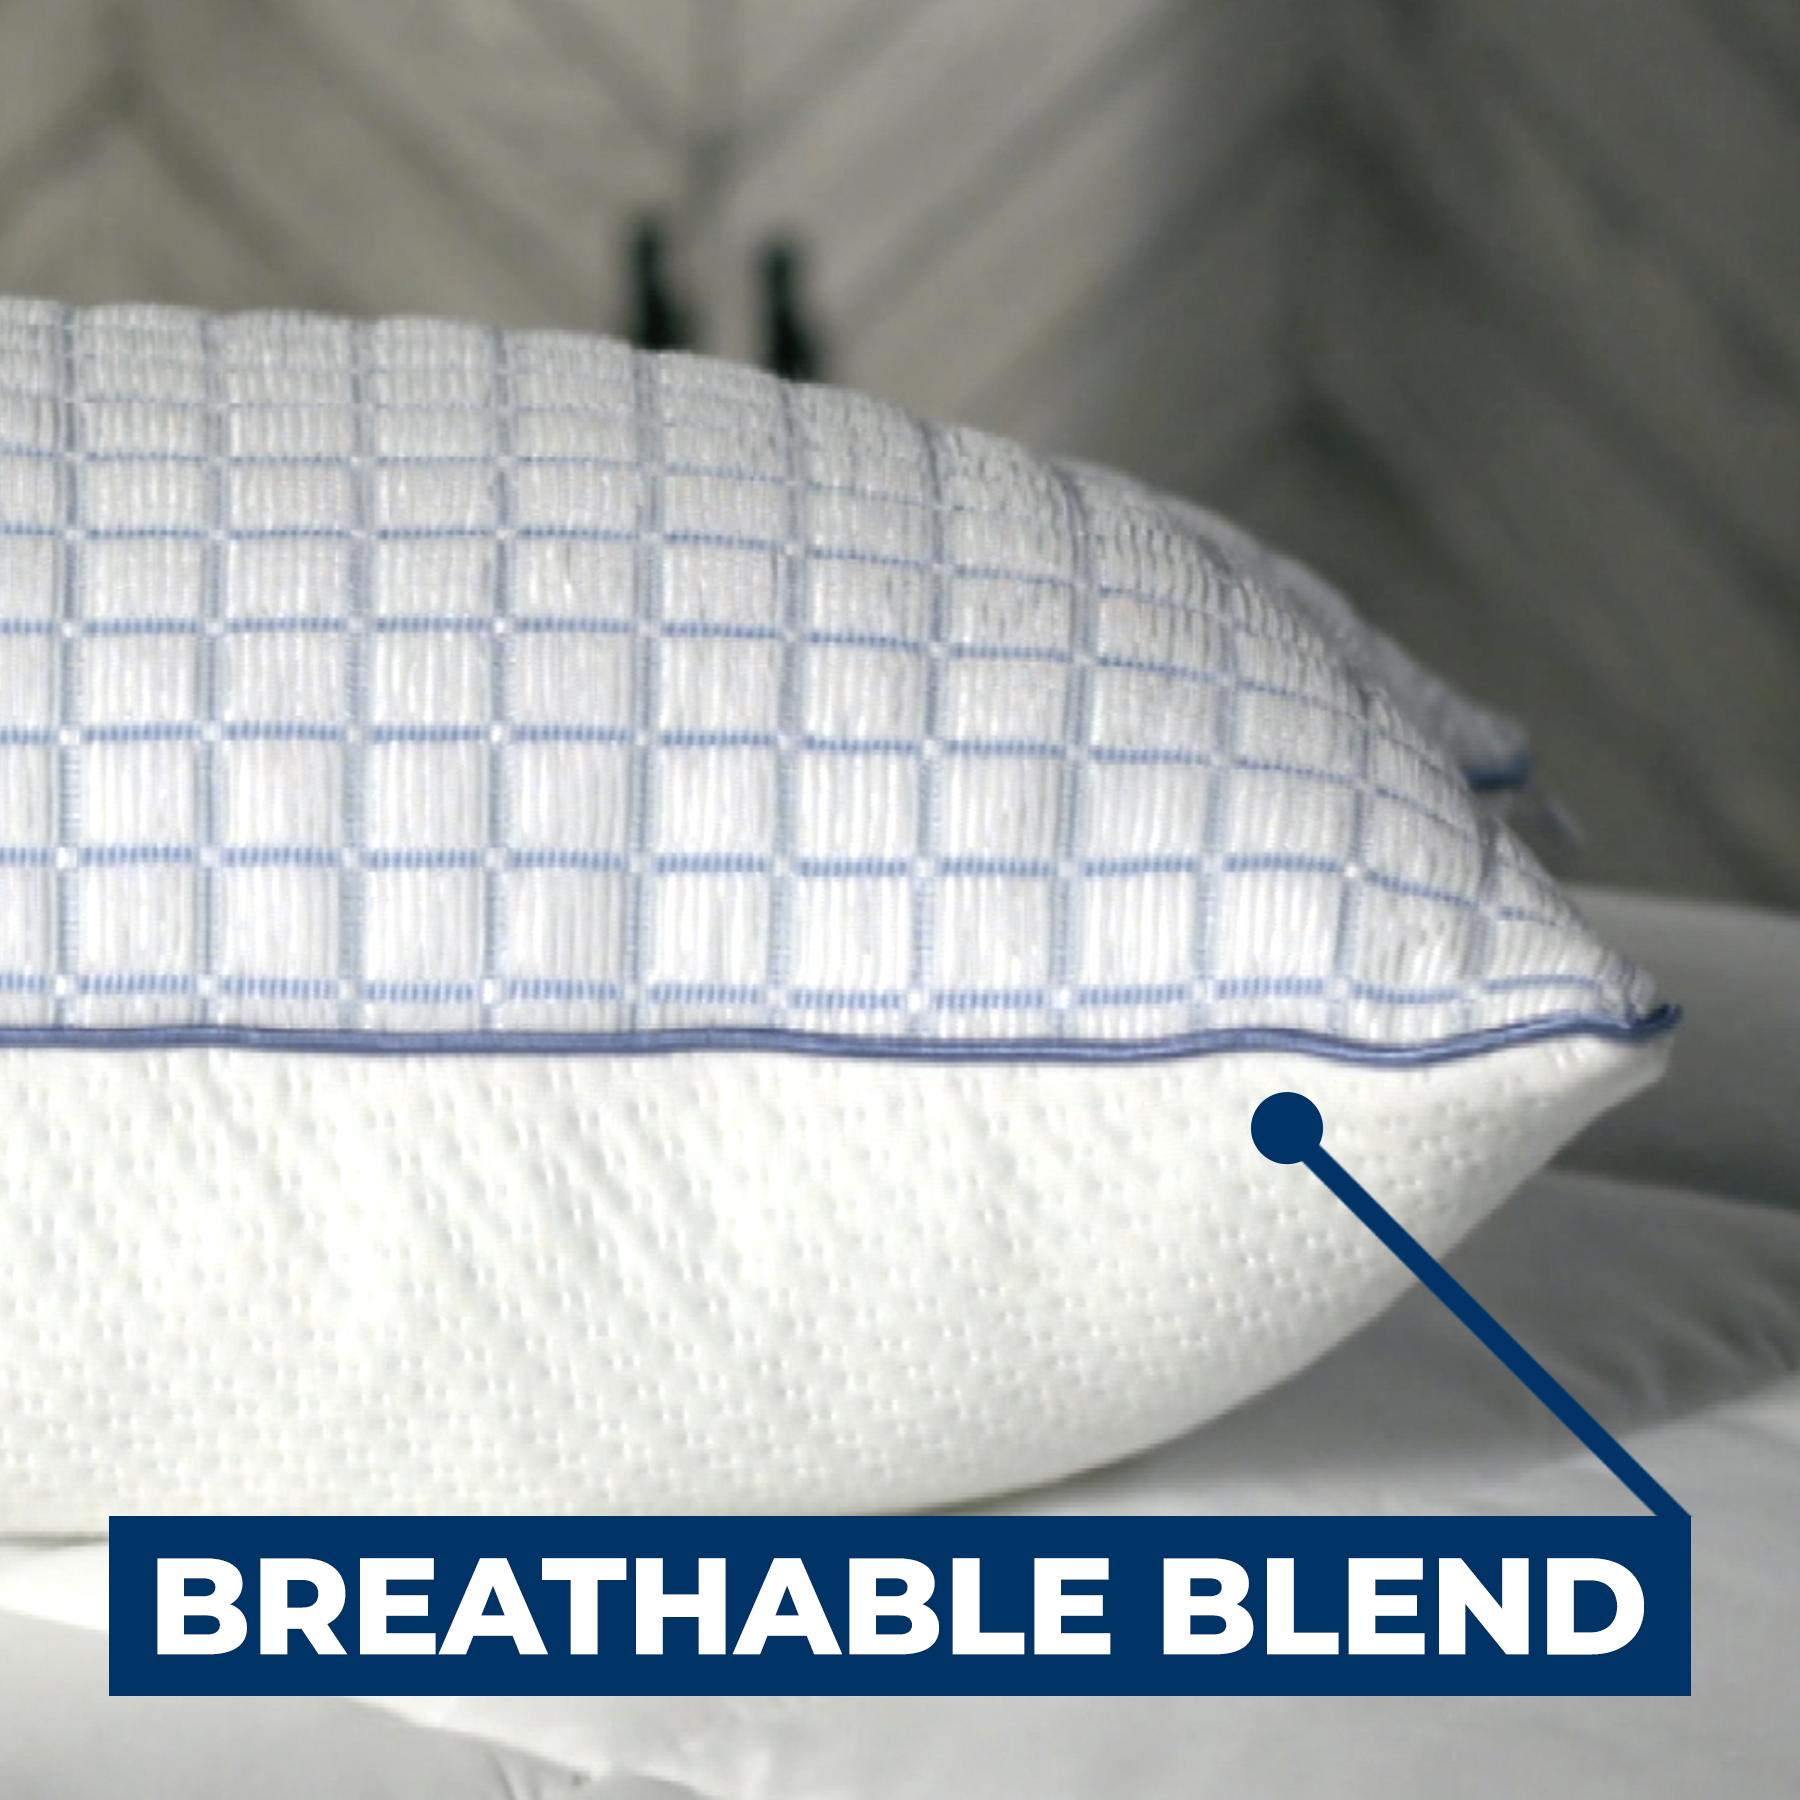 breathable blend side